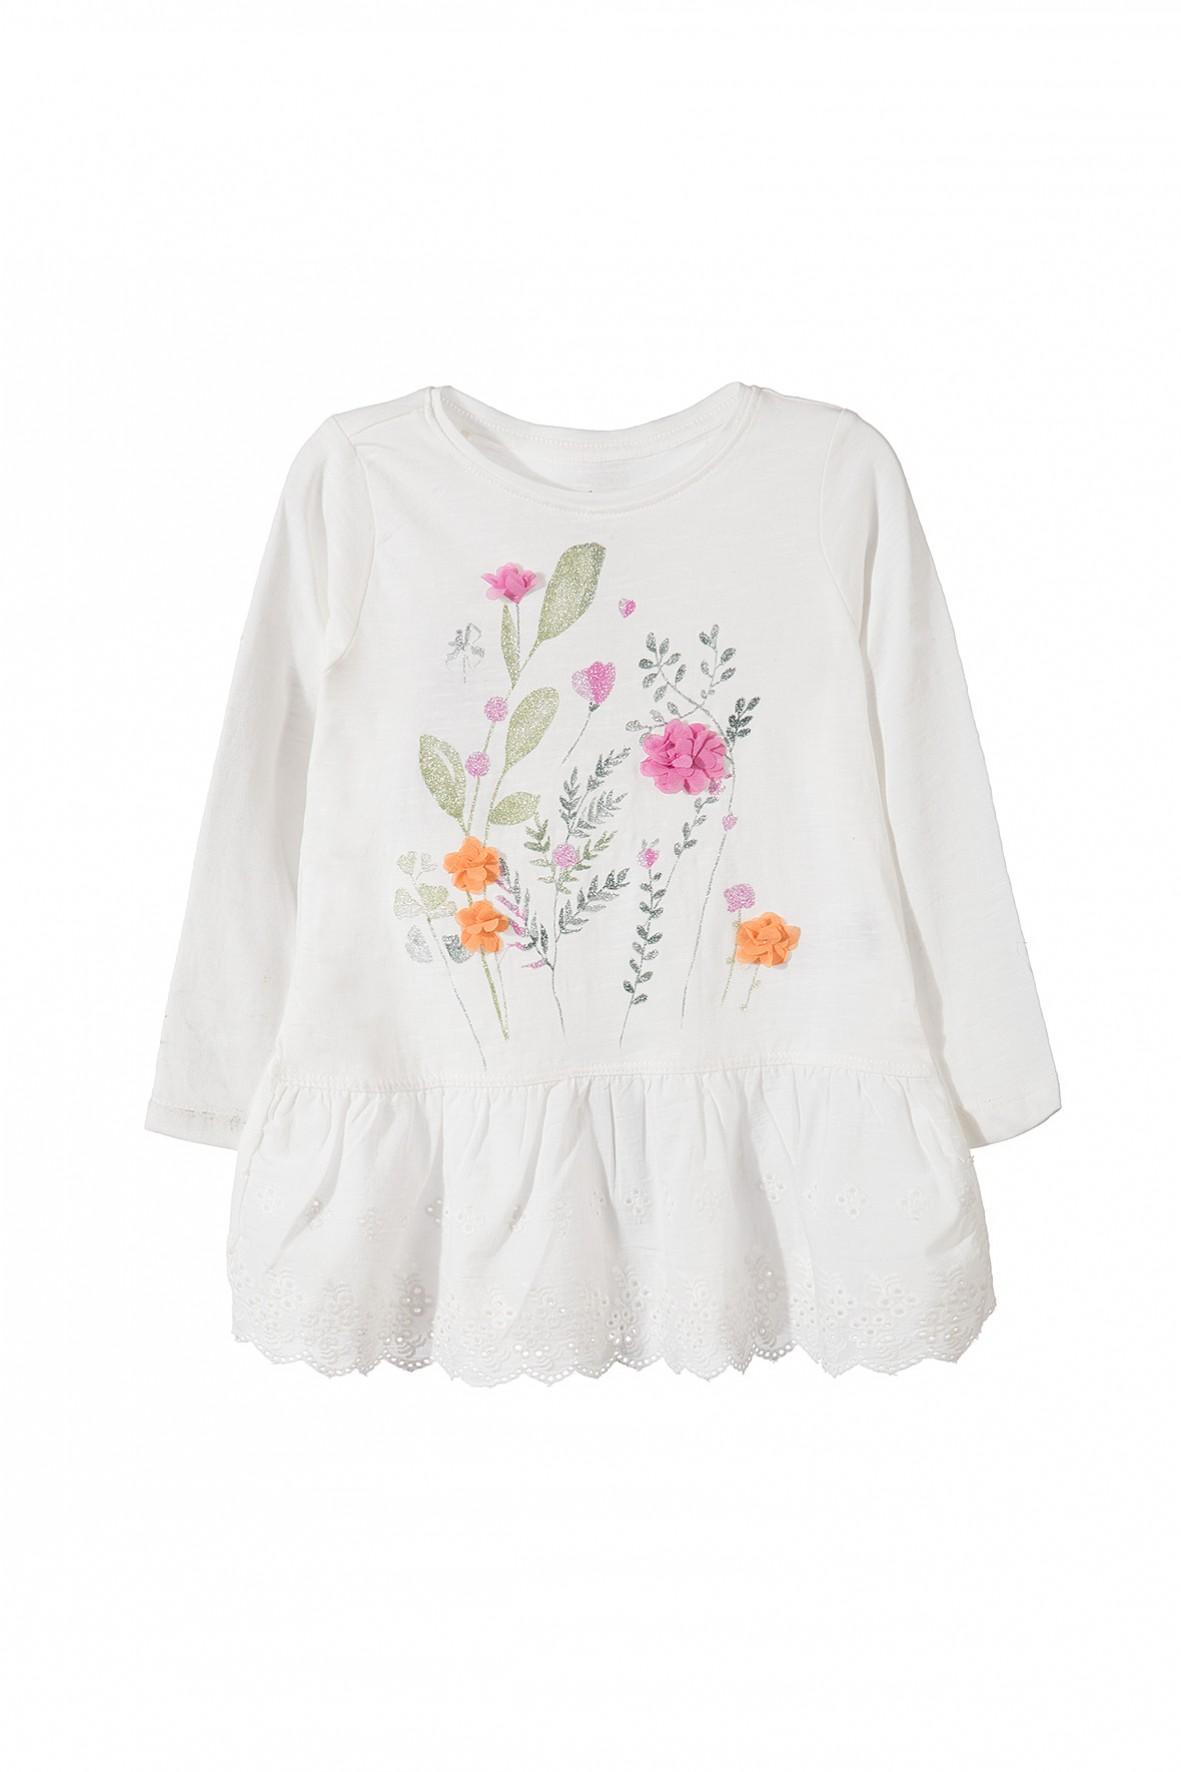 Baskinka, bluzka dla dziewczynek, trendy sezonu